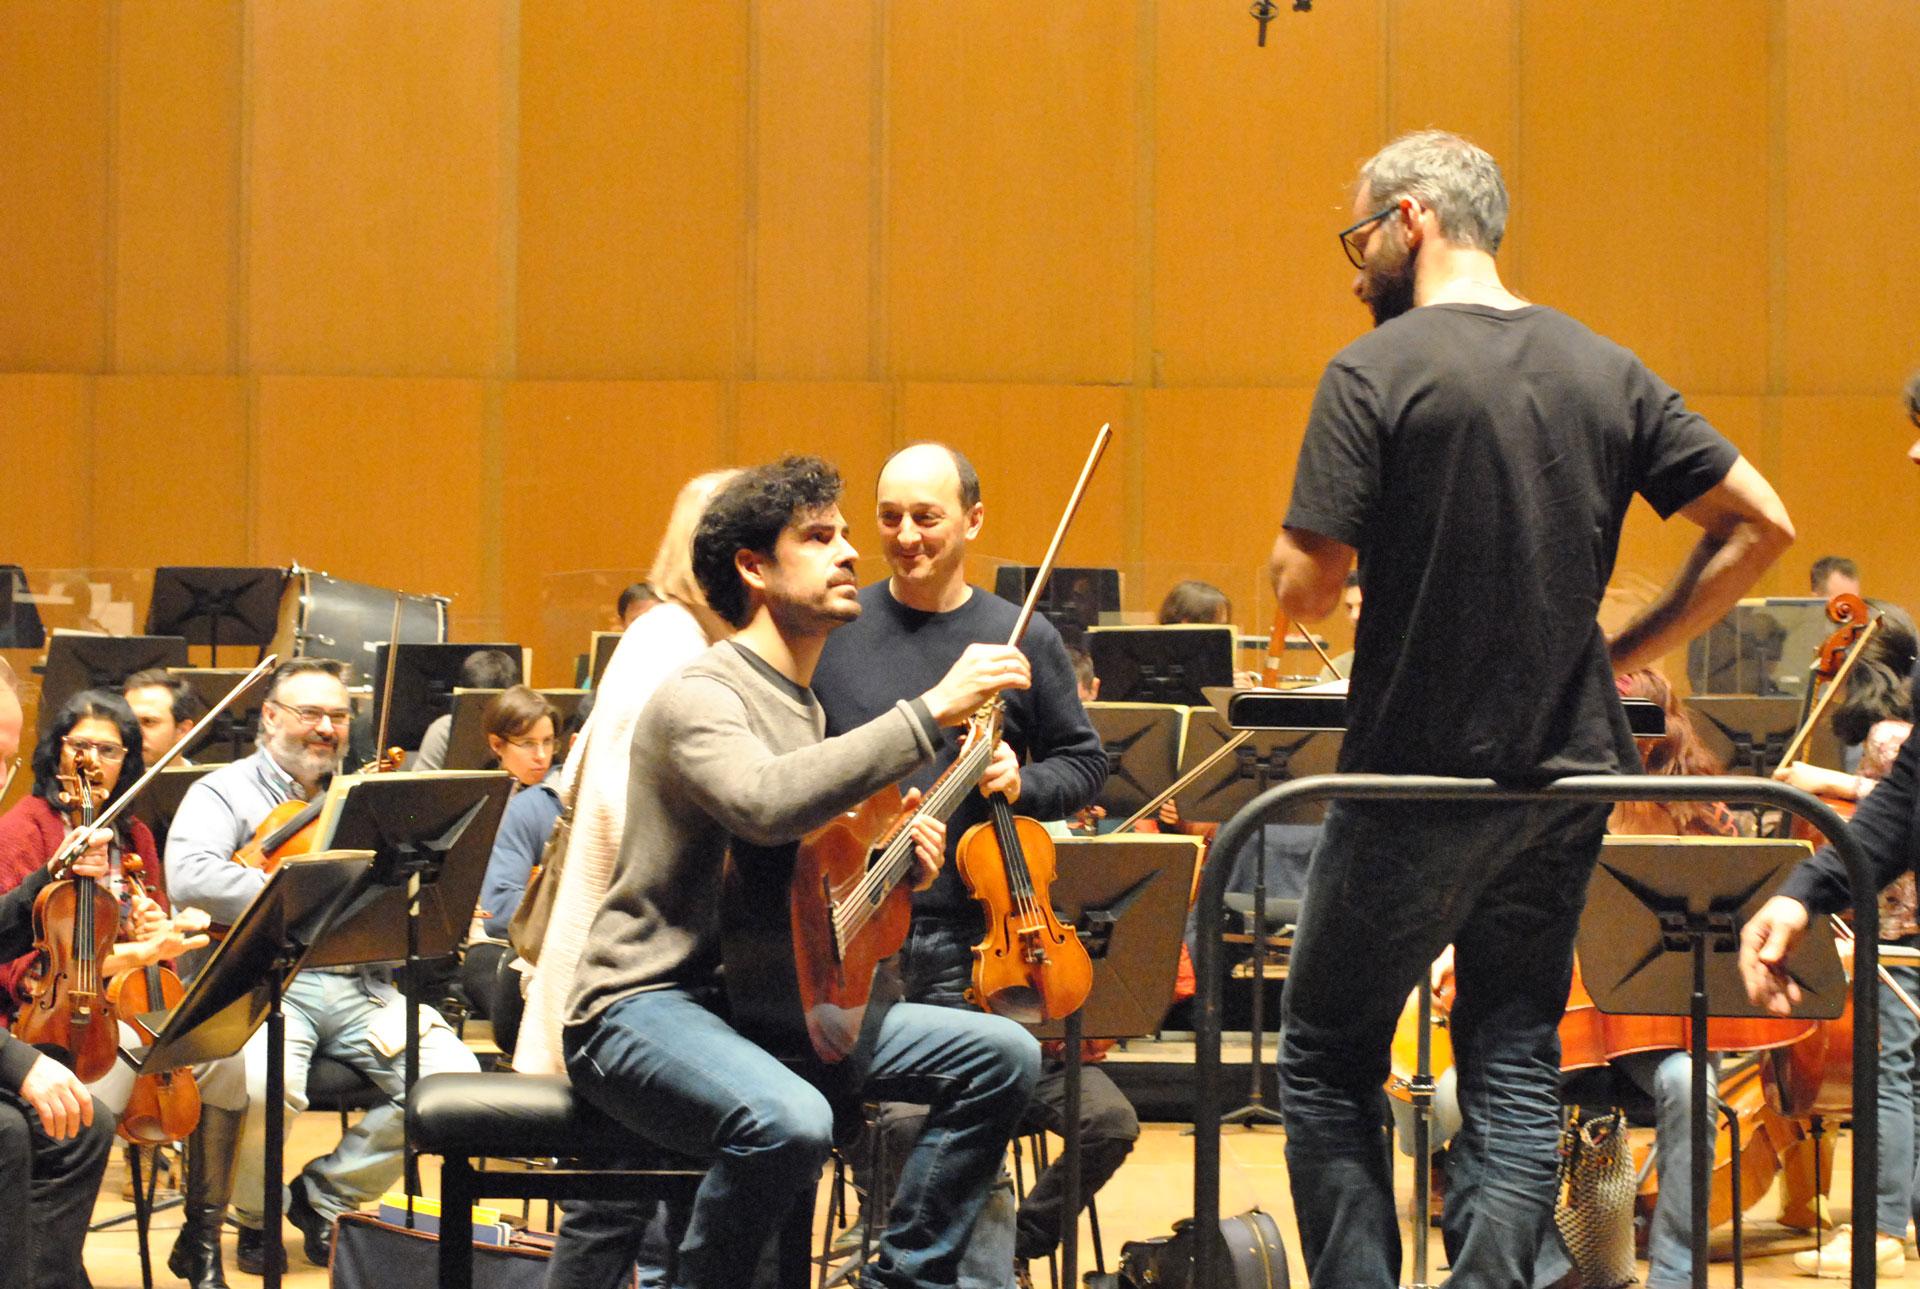 La OSG inicia gira de conciertos con actuaciones en Vigo, Ferrol, A Coruña, Valladolid y Burgos